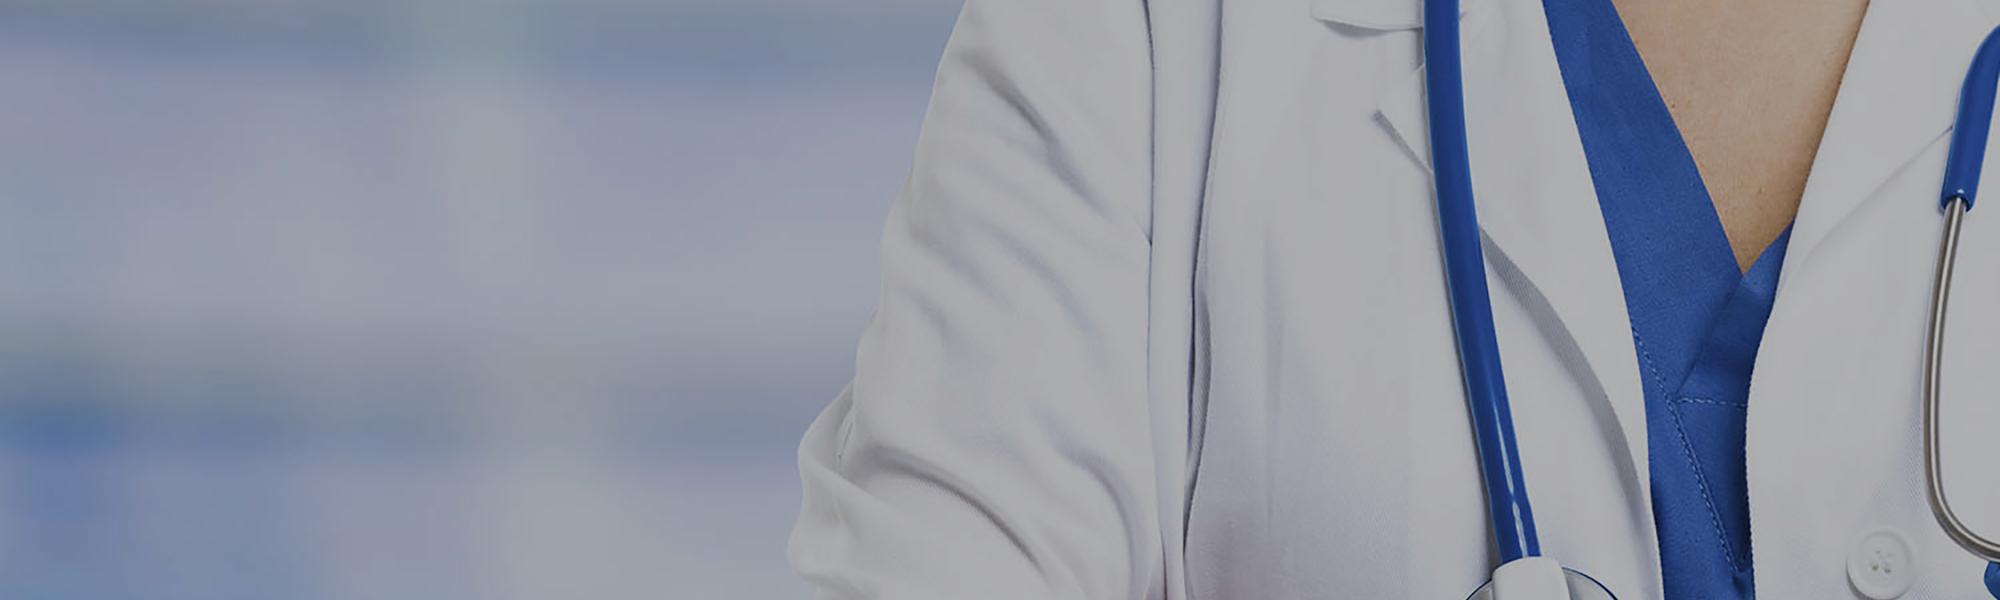 Aplicativo Uber Médicos - Aplicativo de saude/Aplicativo Médico